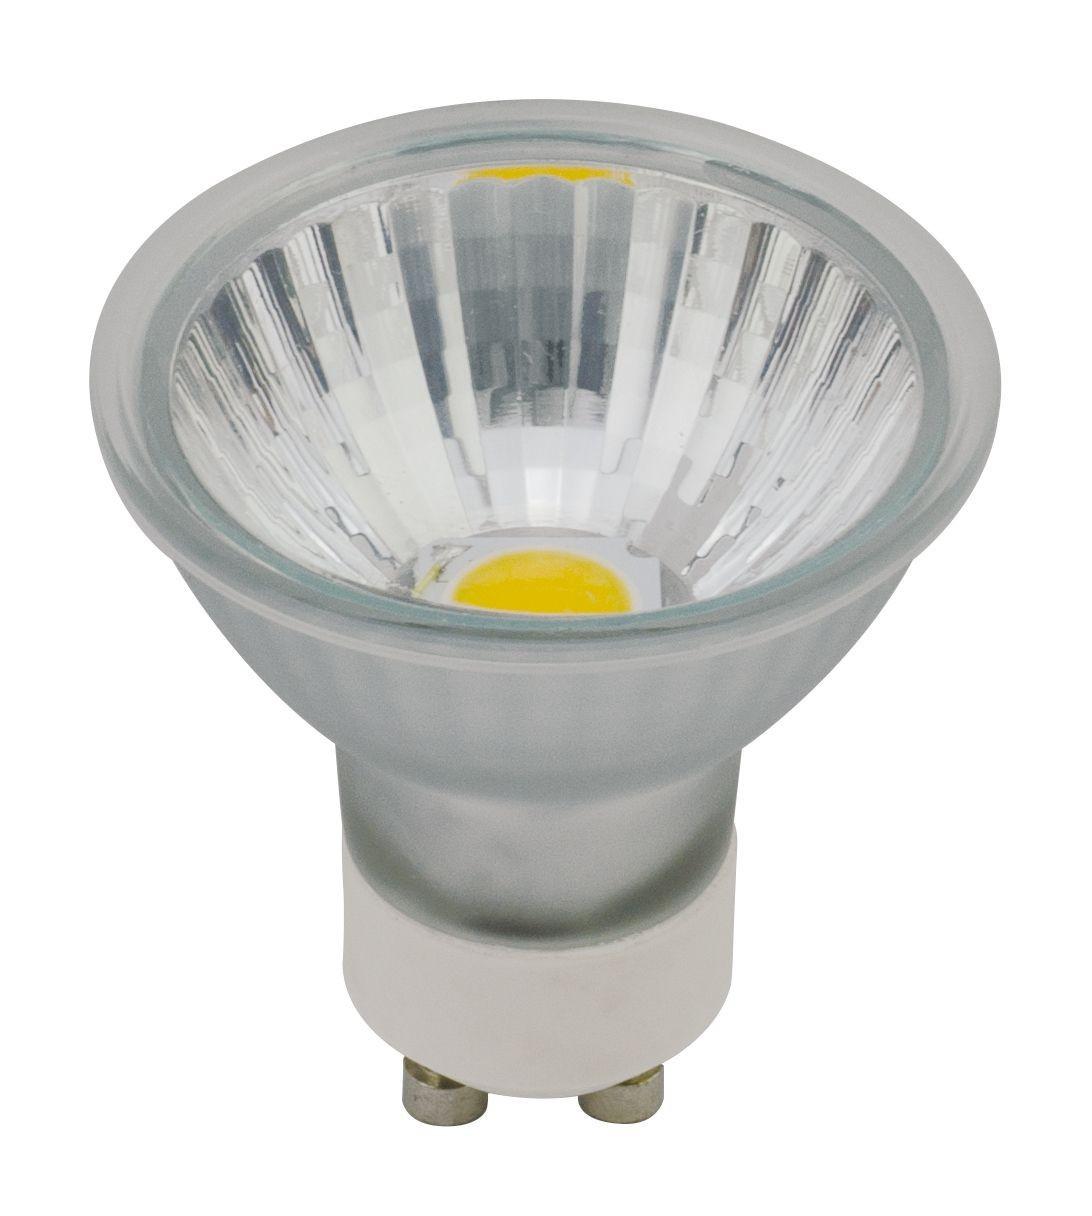 LED-GU10-4W/COB melegfehér spot üveg izzó